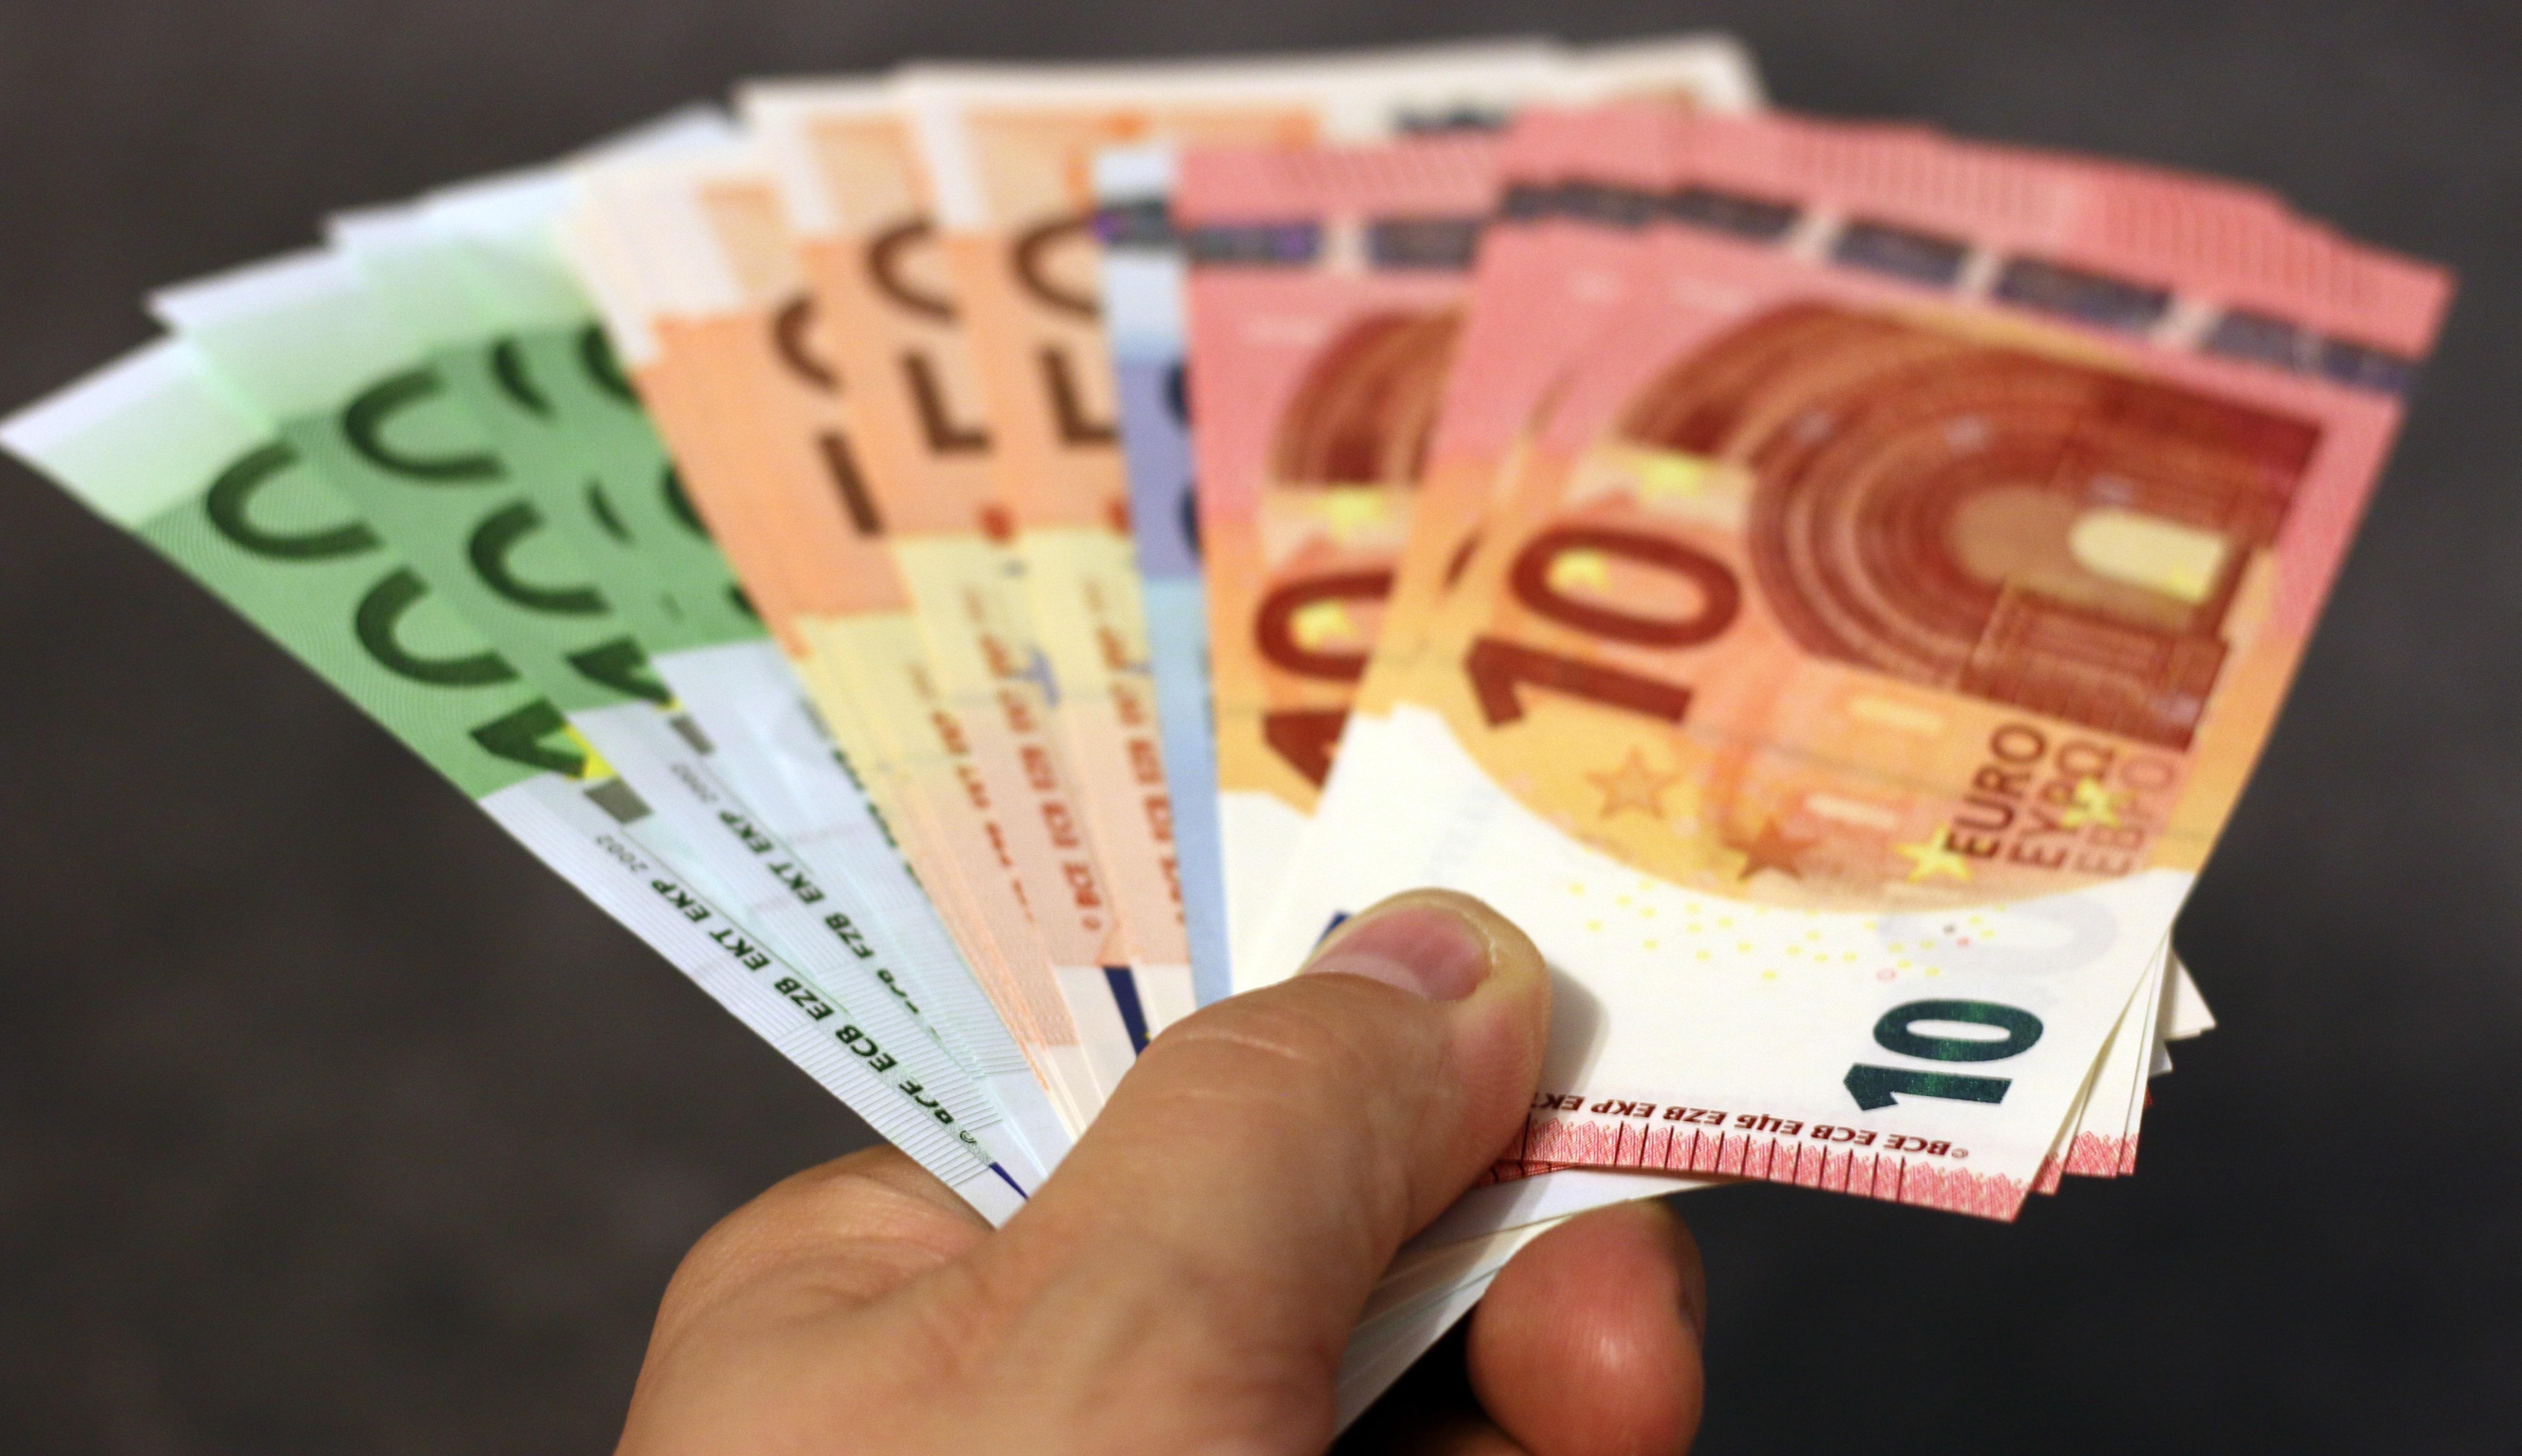 Uważaj na dodatkowe opłaty w restauracjach we Włoszech.